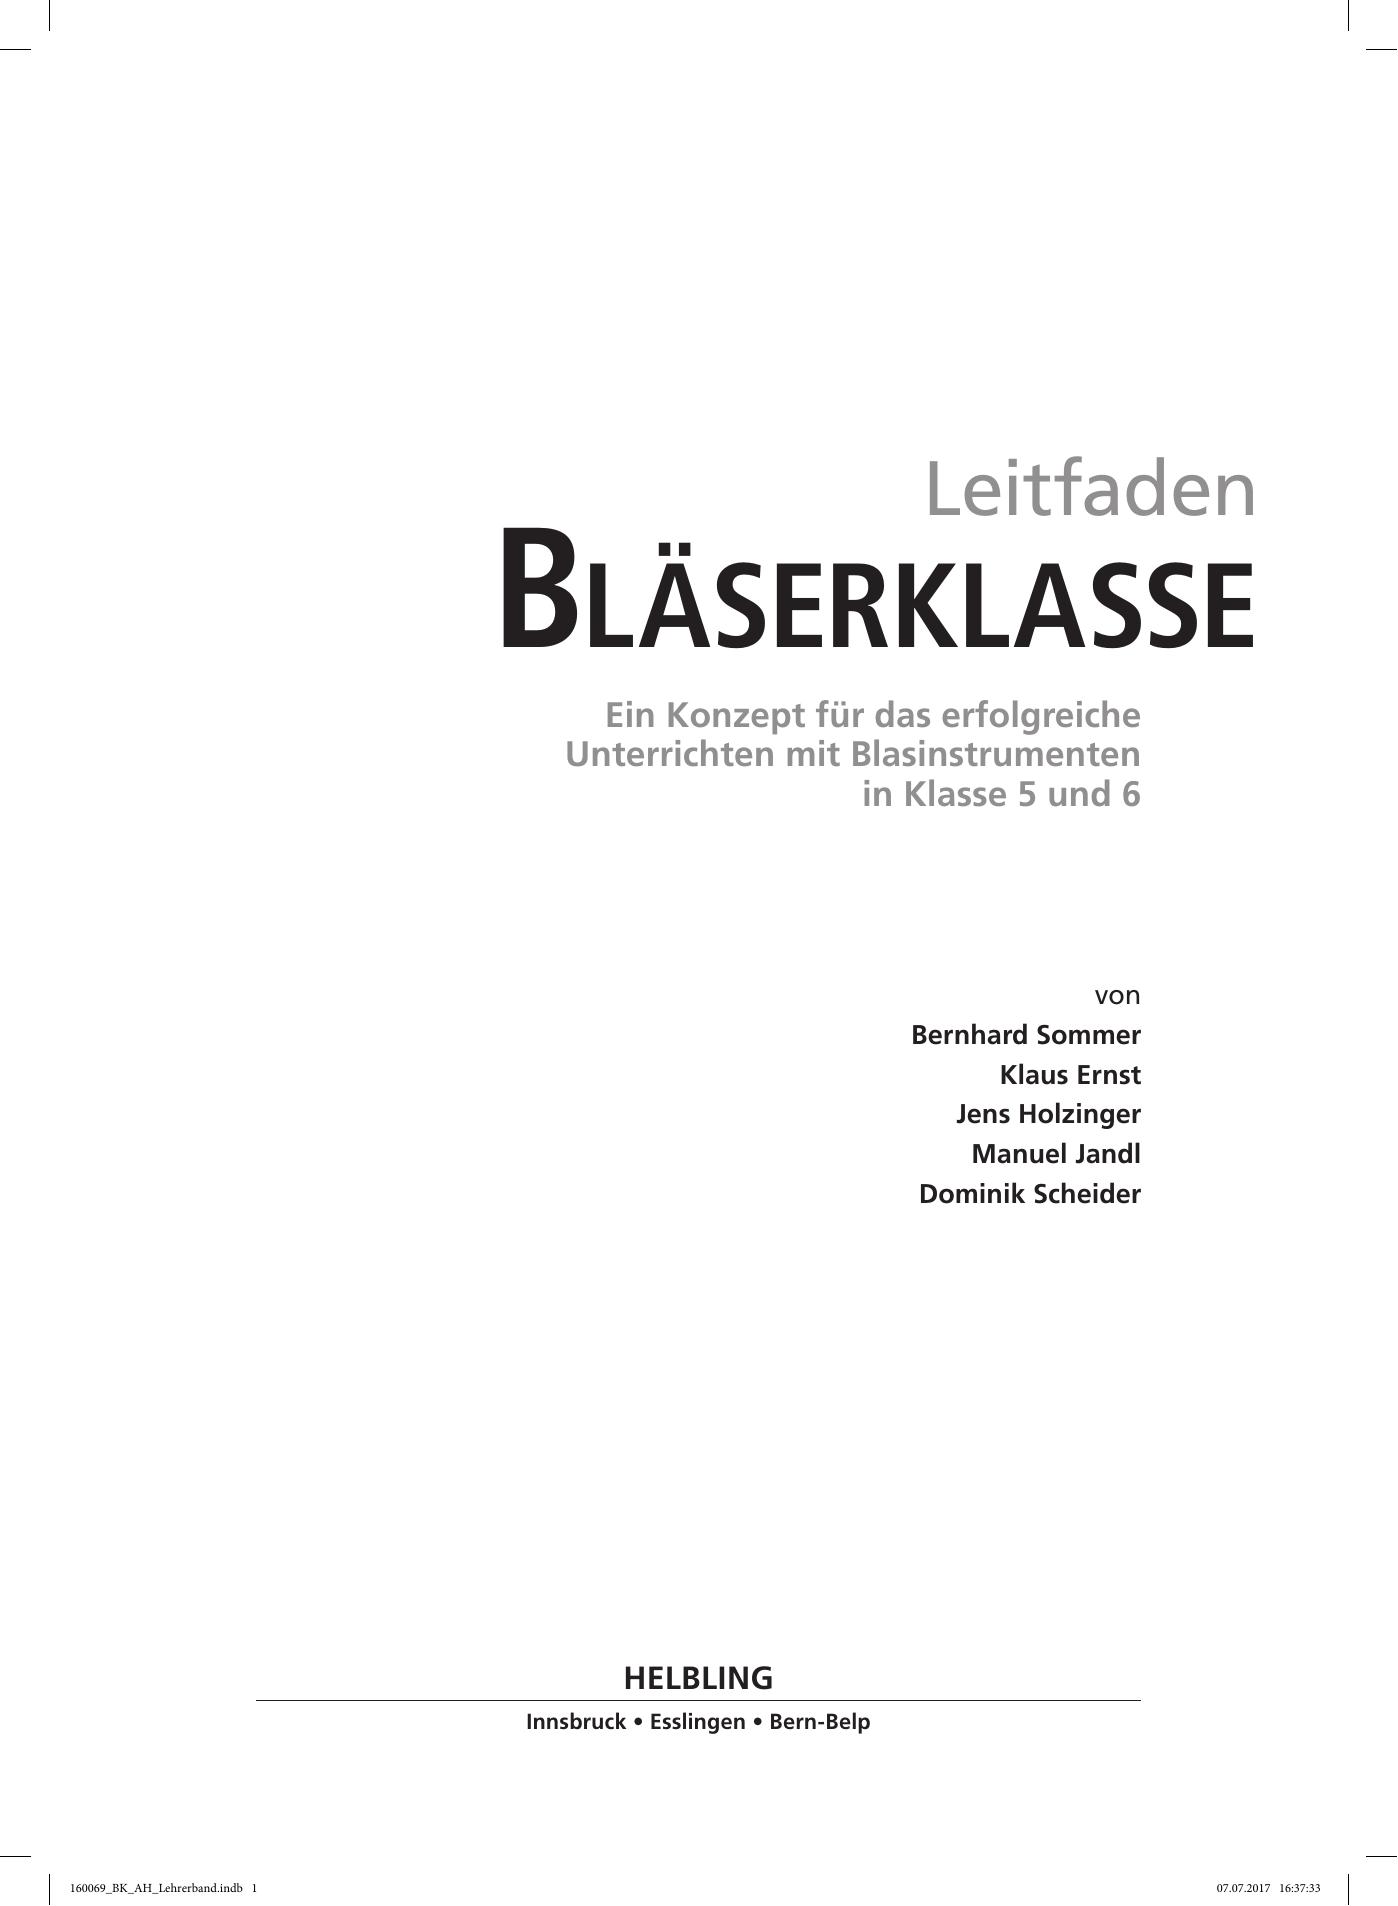 bläserklasse - Helbling Verlag